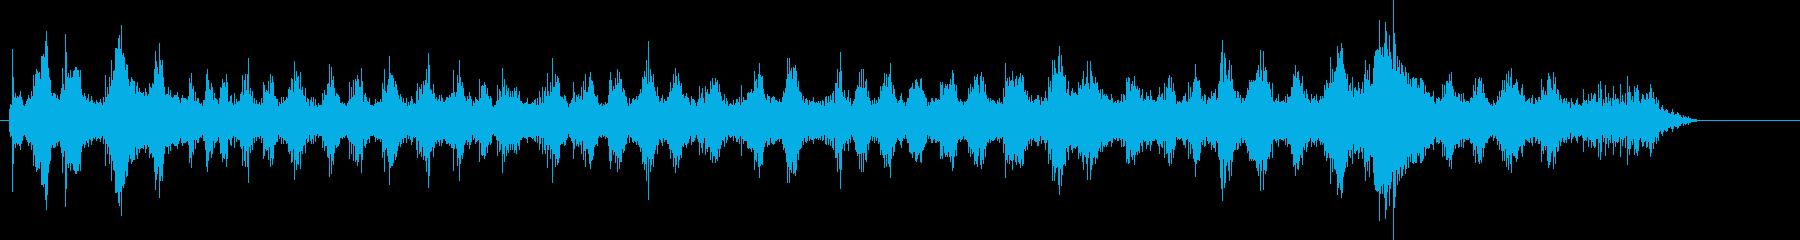 トラック;開始/回転/オフ;トラッ...の再生済みの波形